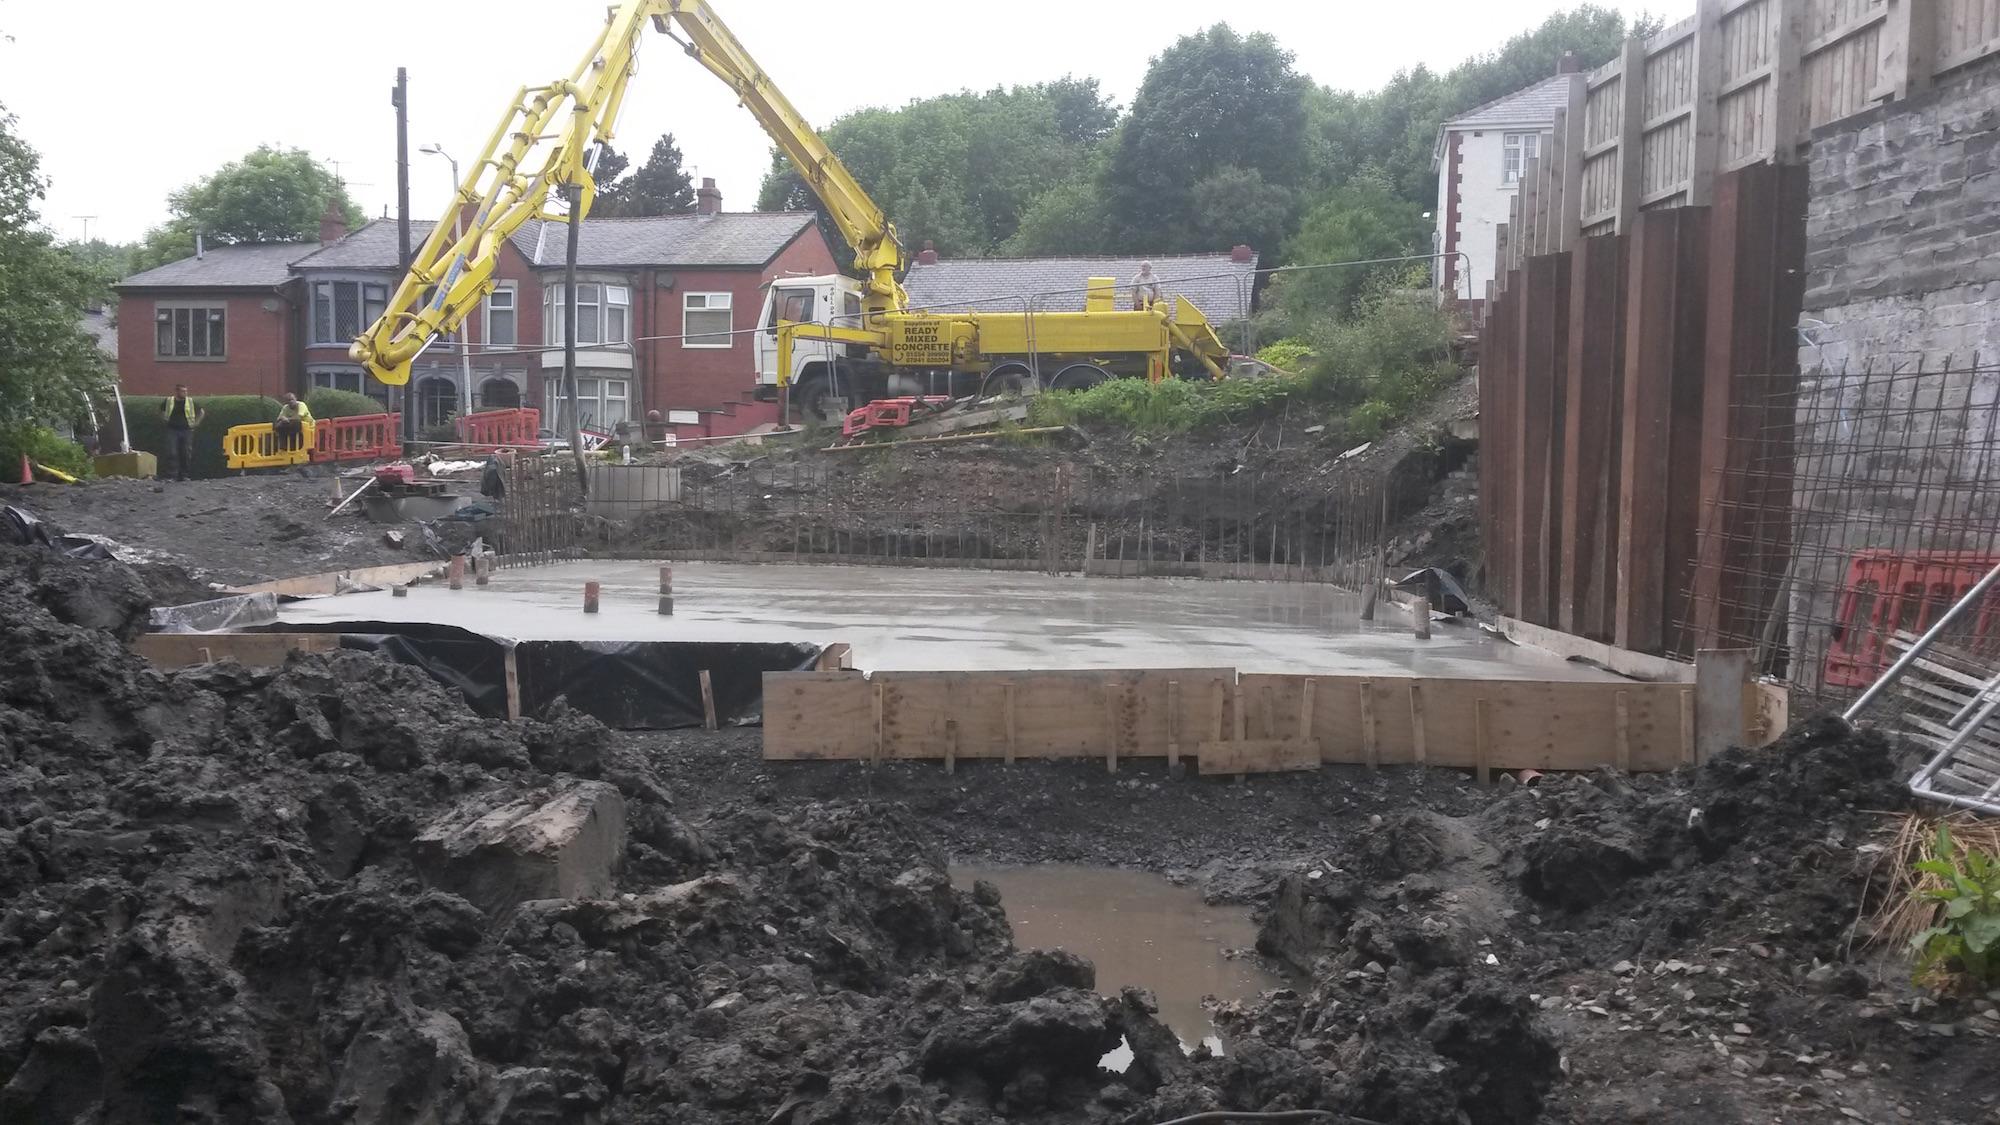 Piling in haslingden new build foundations basetec for Slab foundation vs basement